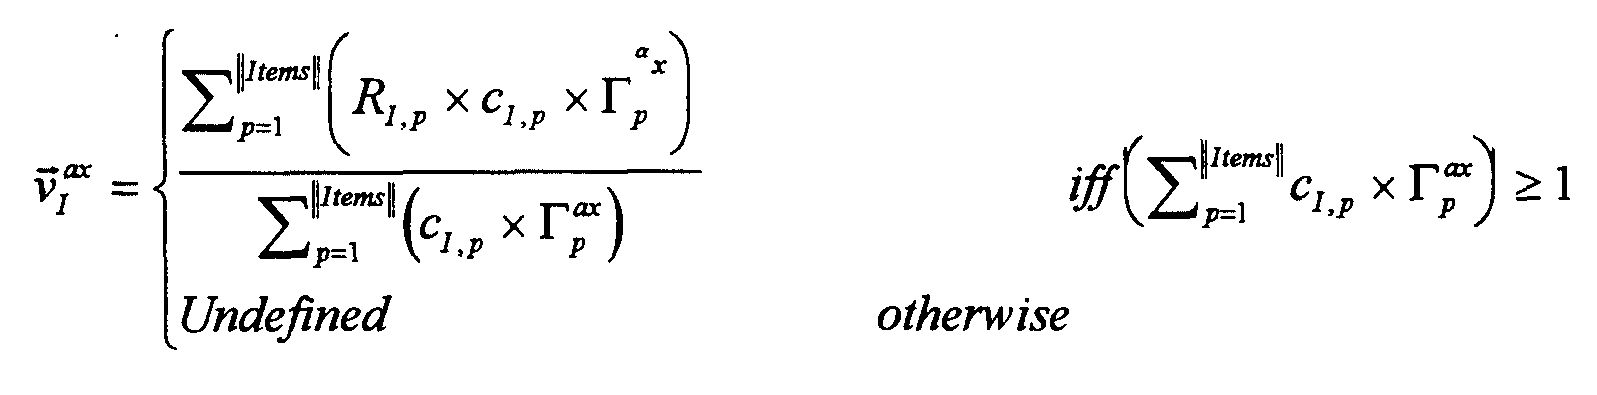 Figure imgf000019_0001